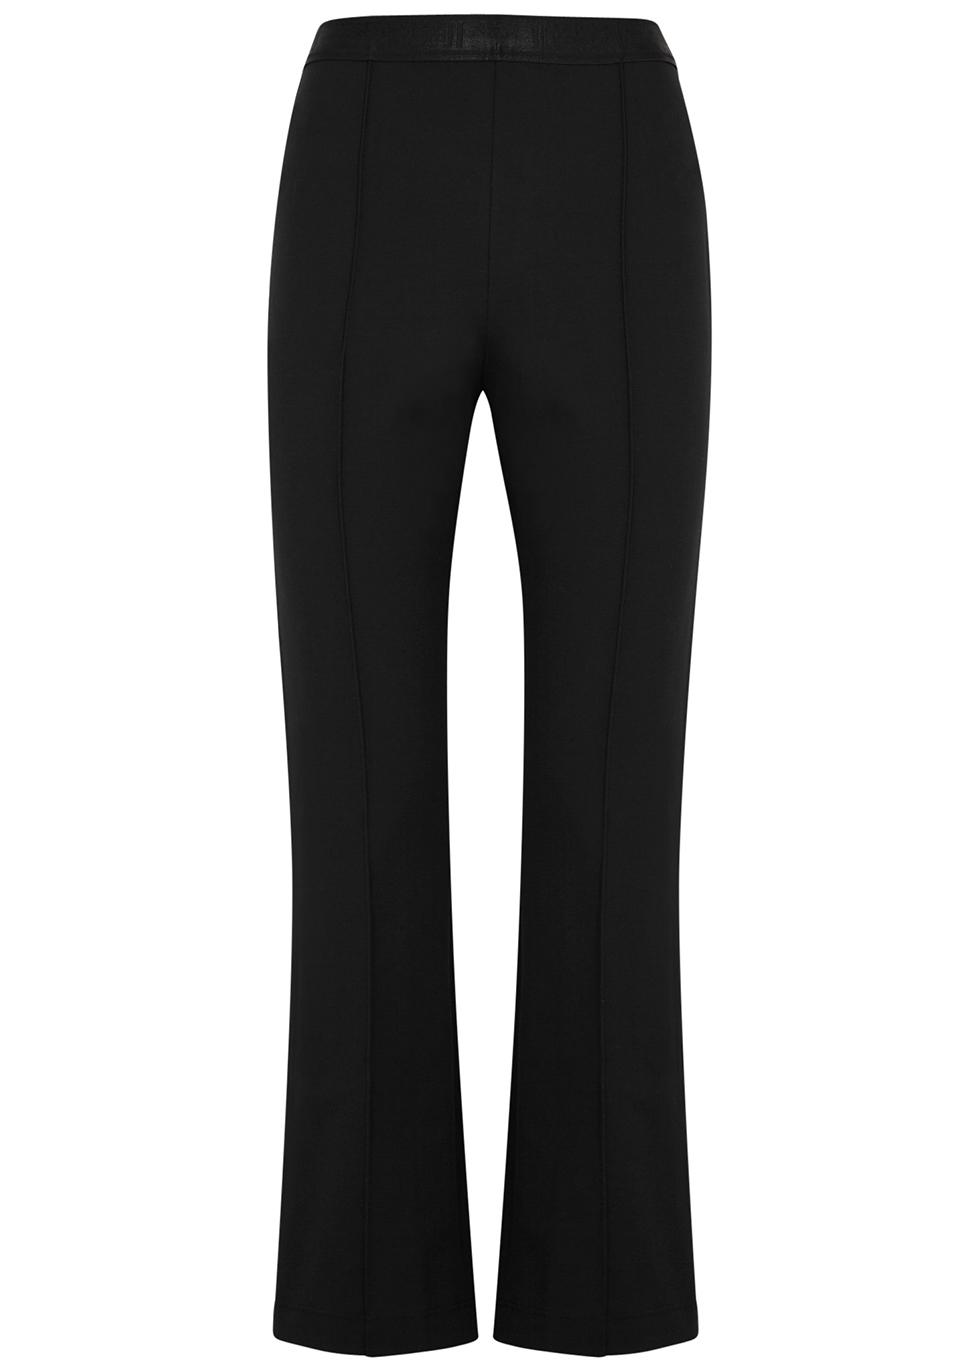 Grazia black kick-flare trousers